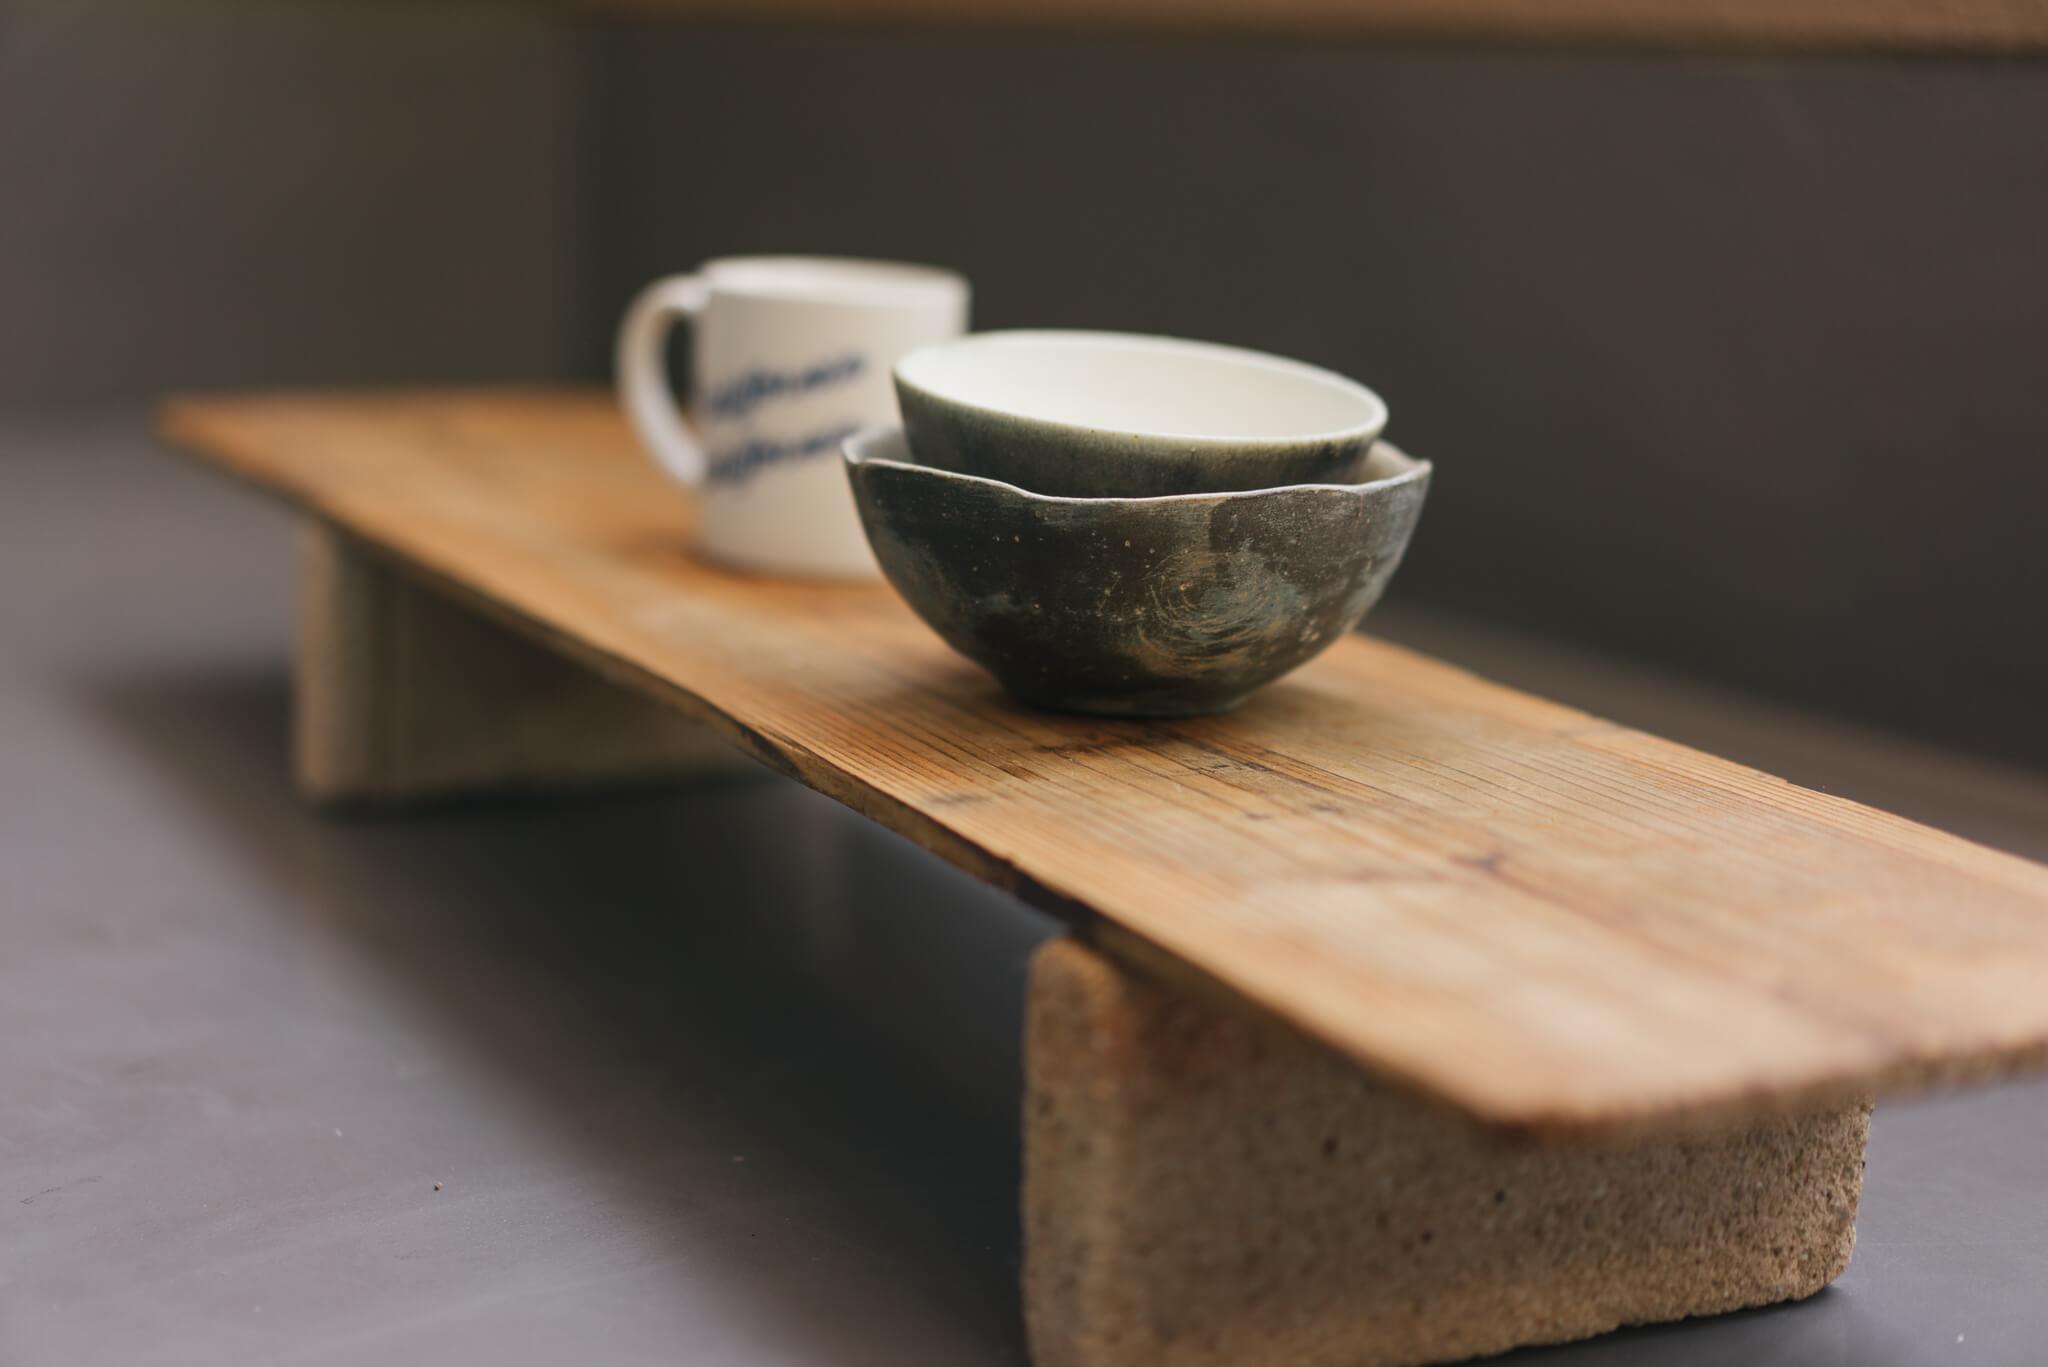 陶器市で見つけた器の乾燥用の木の板を、レンガに載せて。素敵な簡易テーブルの出来上がり。植物を育てる時にも使えそうなアイディアでした。(このお部屋をもっと見る)